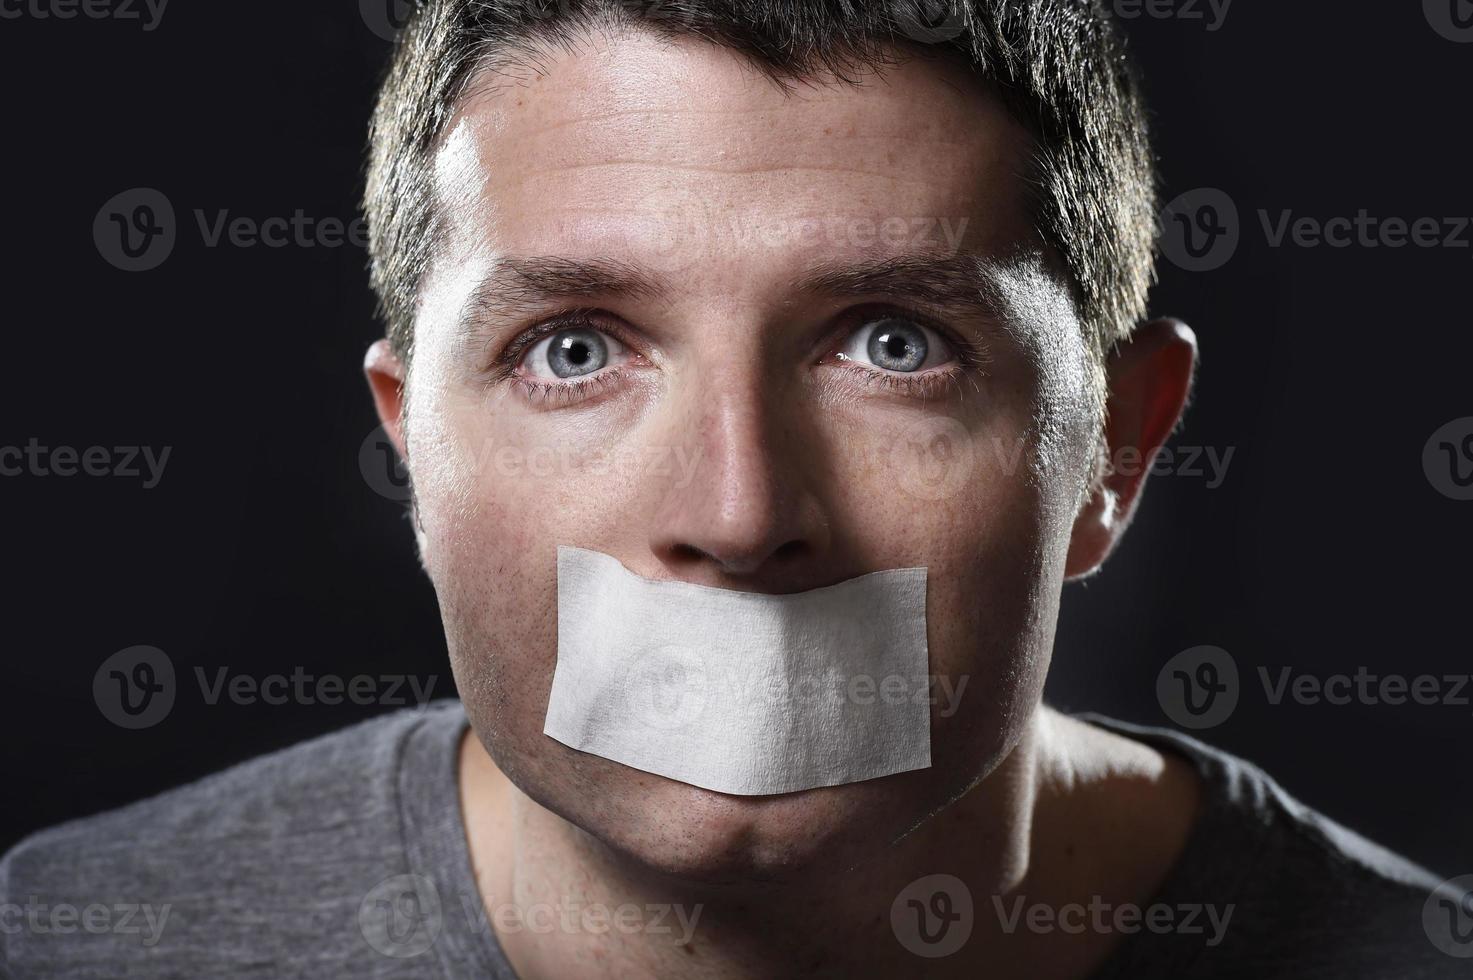 séduisant, jeune homme, bouche, scellé, sur, ruban adhésif photo